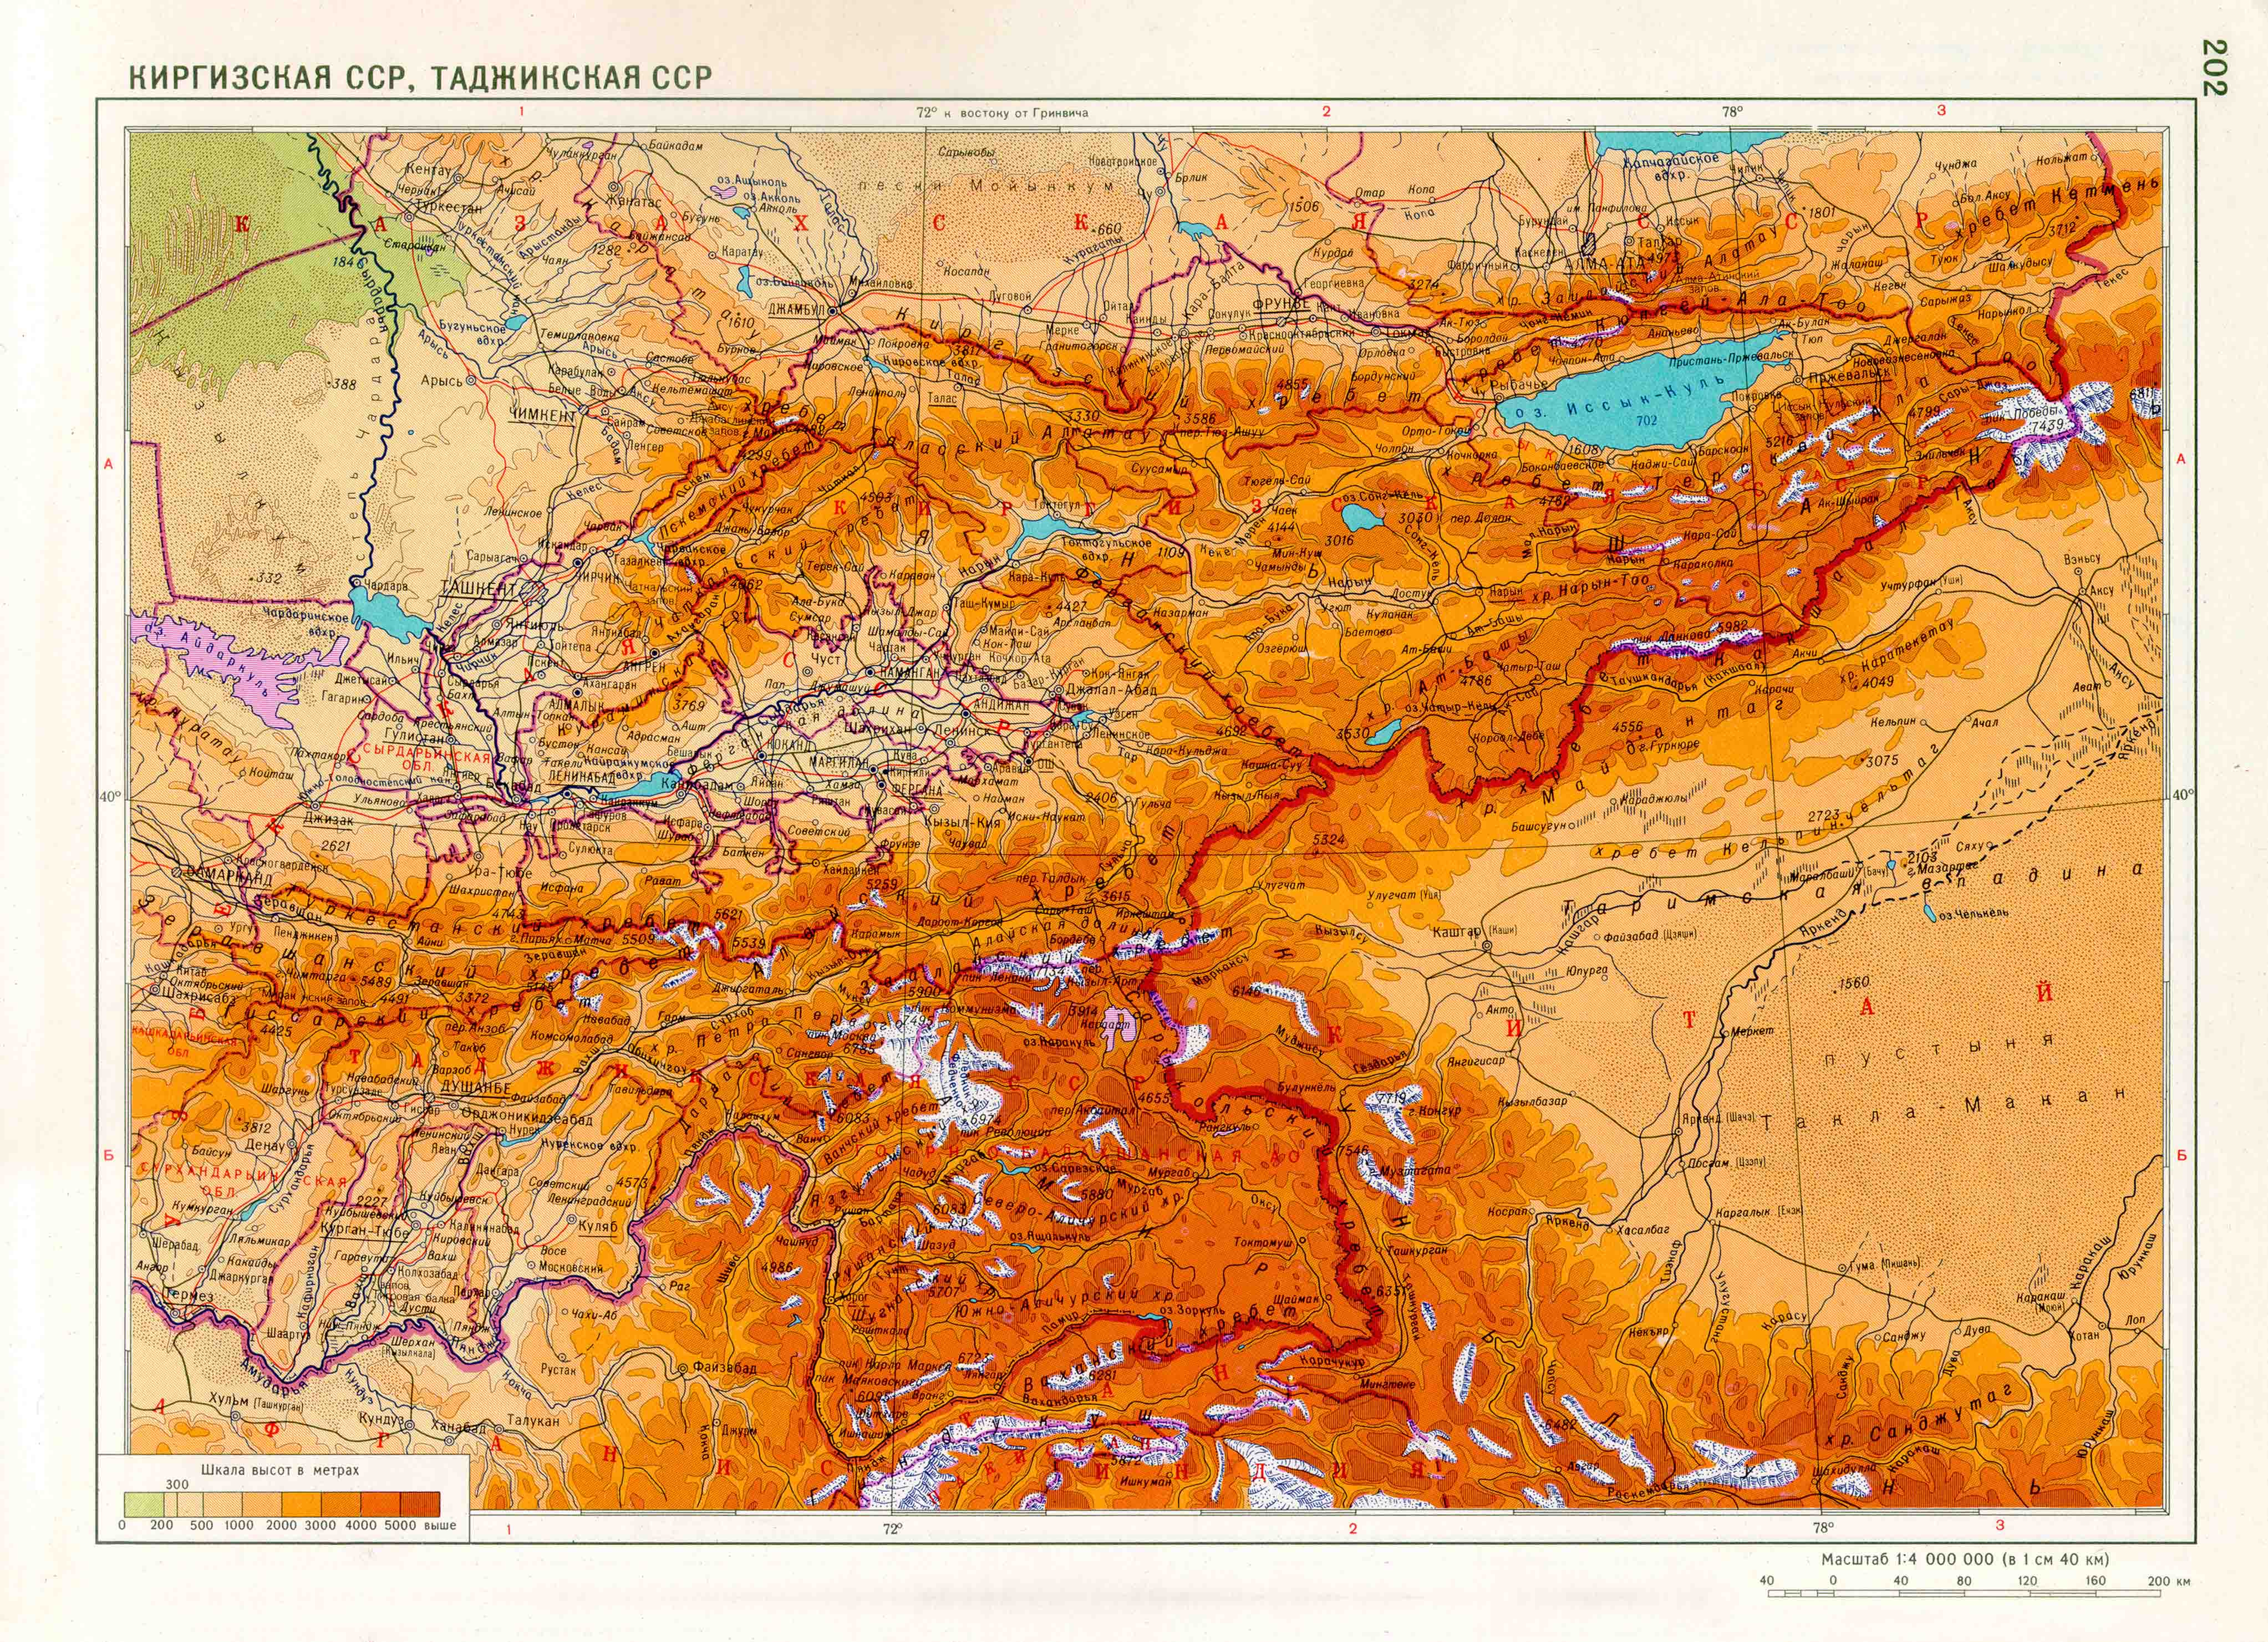 Таджико афганская граница карта 11 фотография